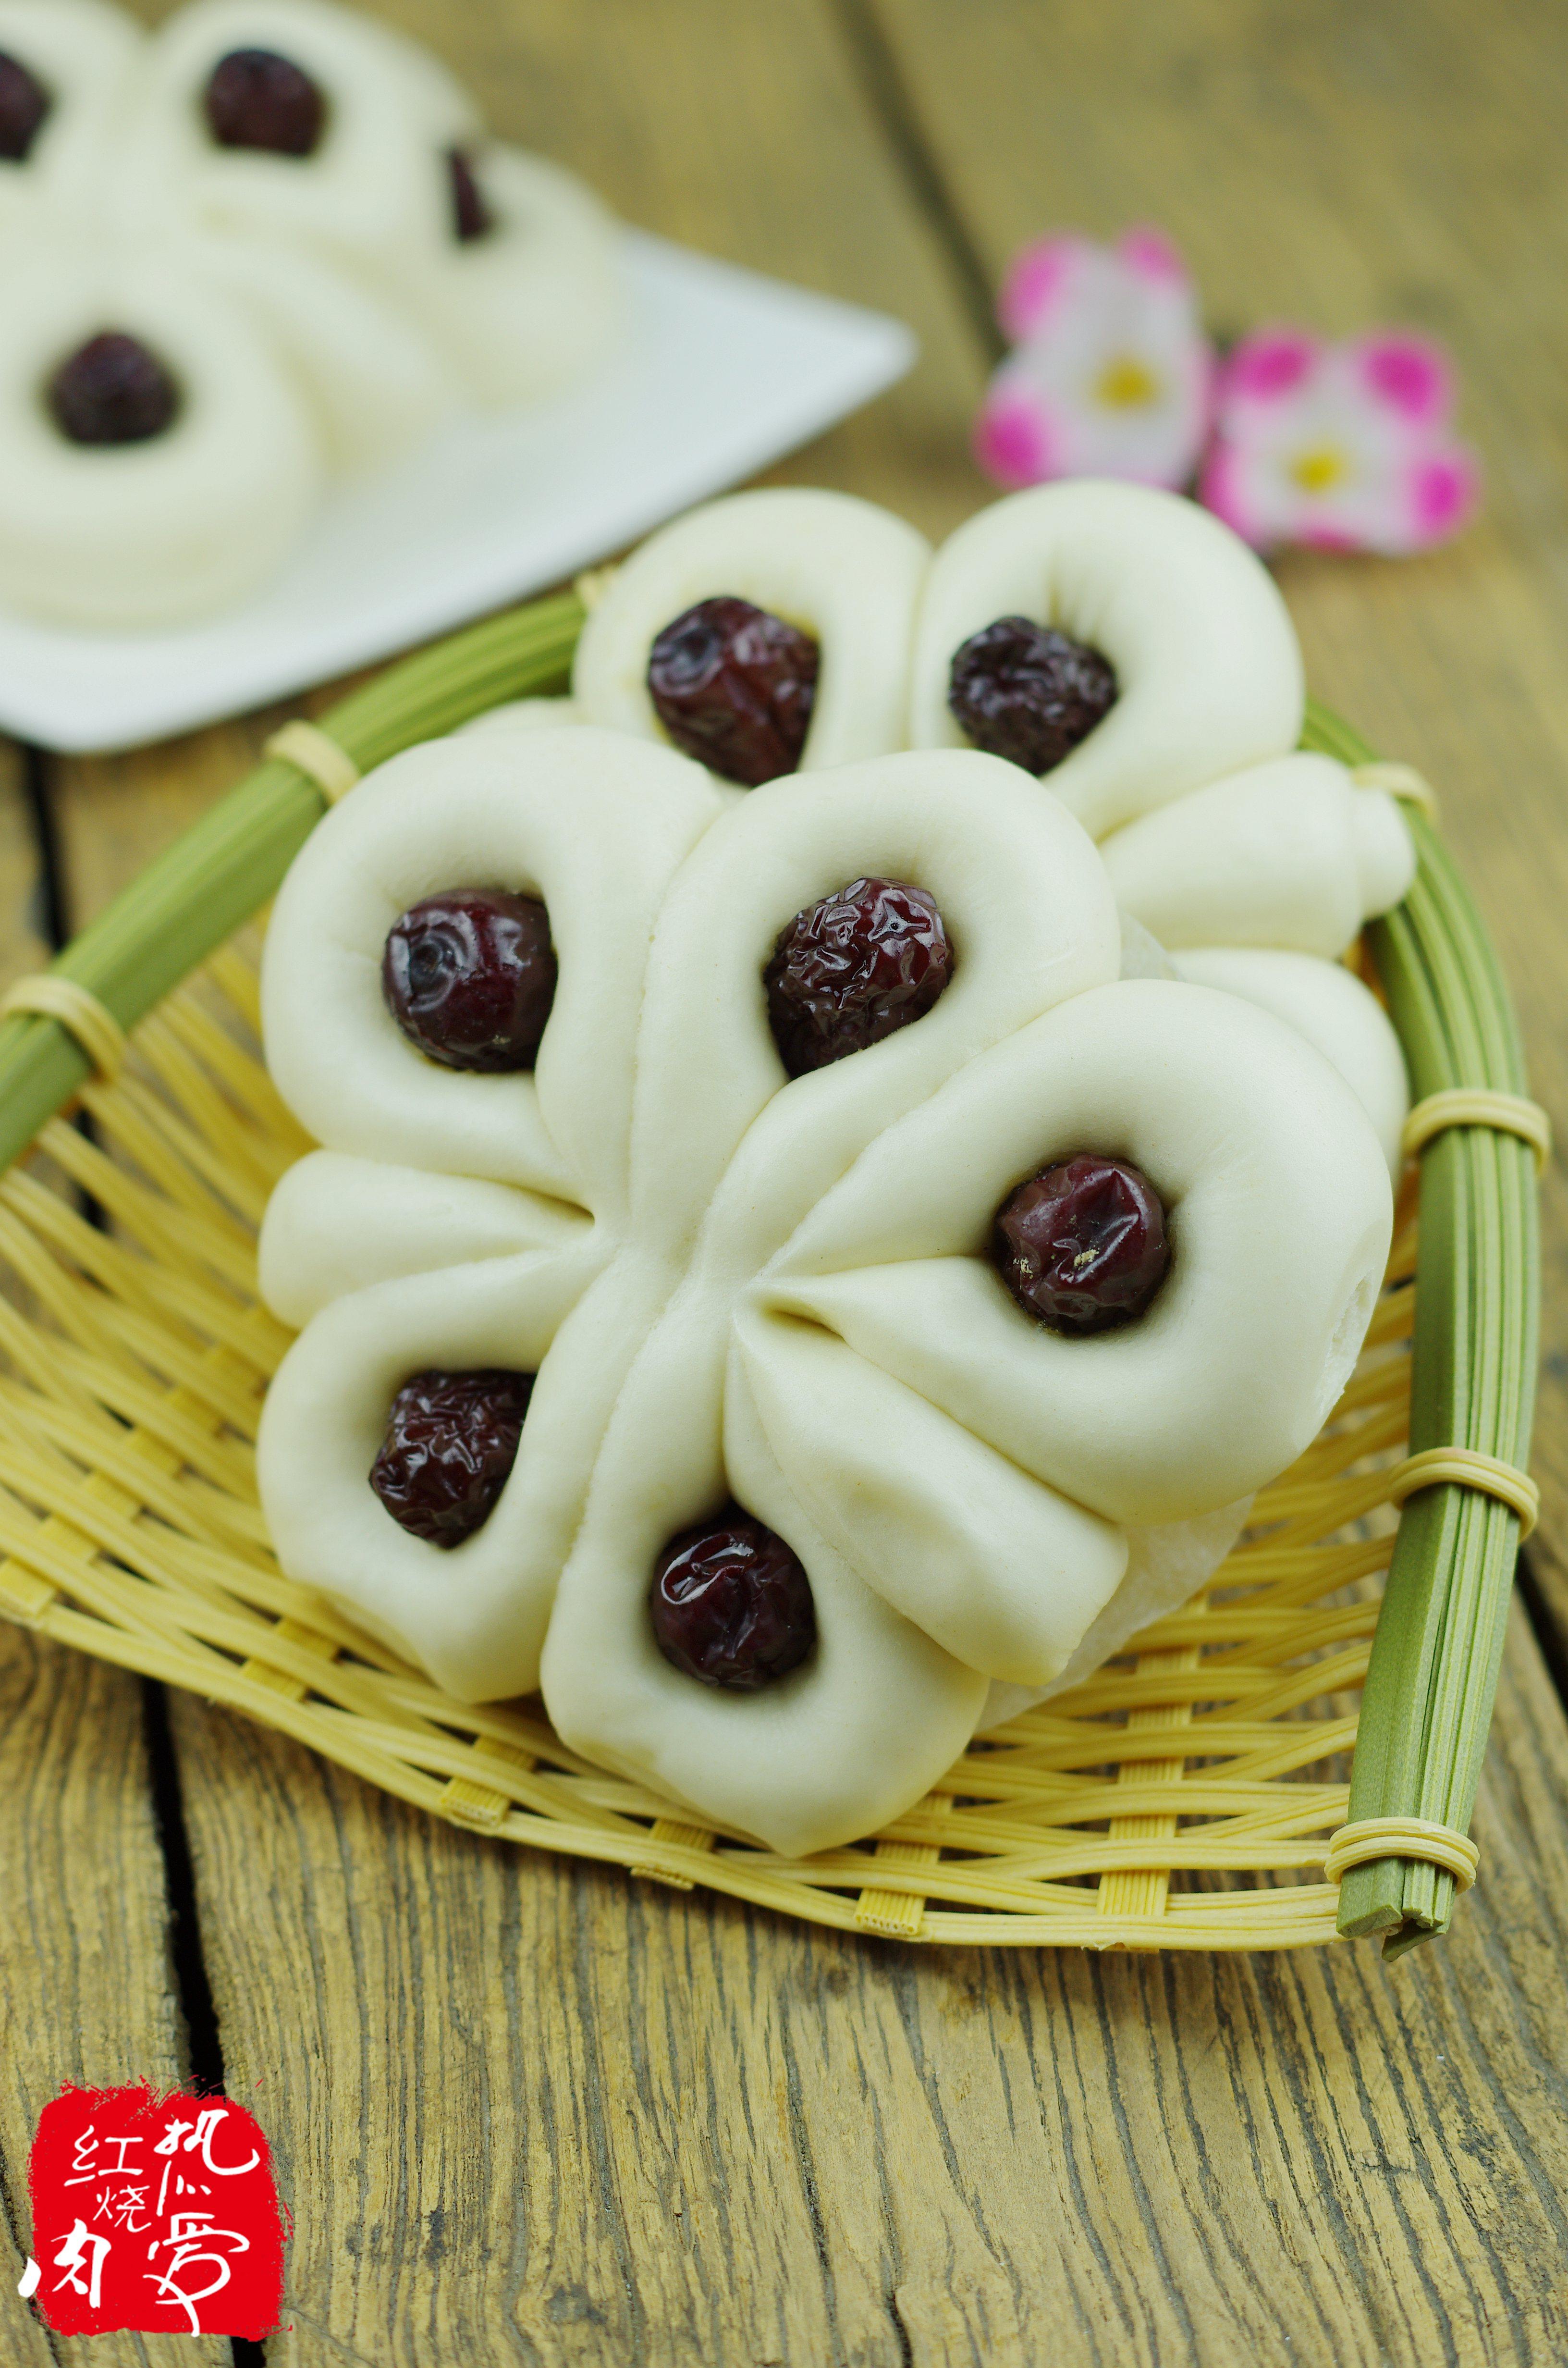 紫薯南瓜馒头 紫薯馒头 可爱兔子馒头 健康美味南瓜红枣.